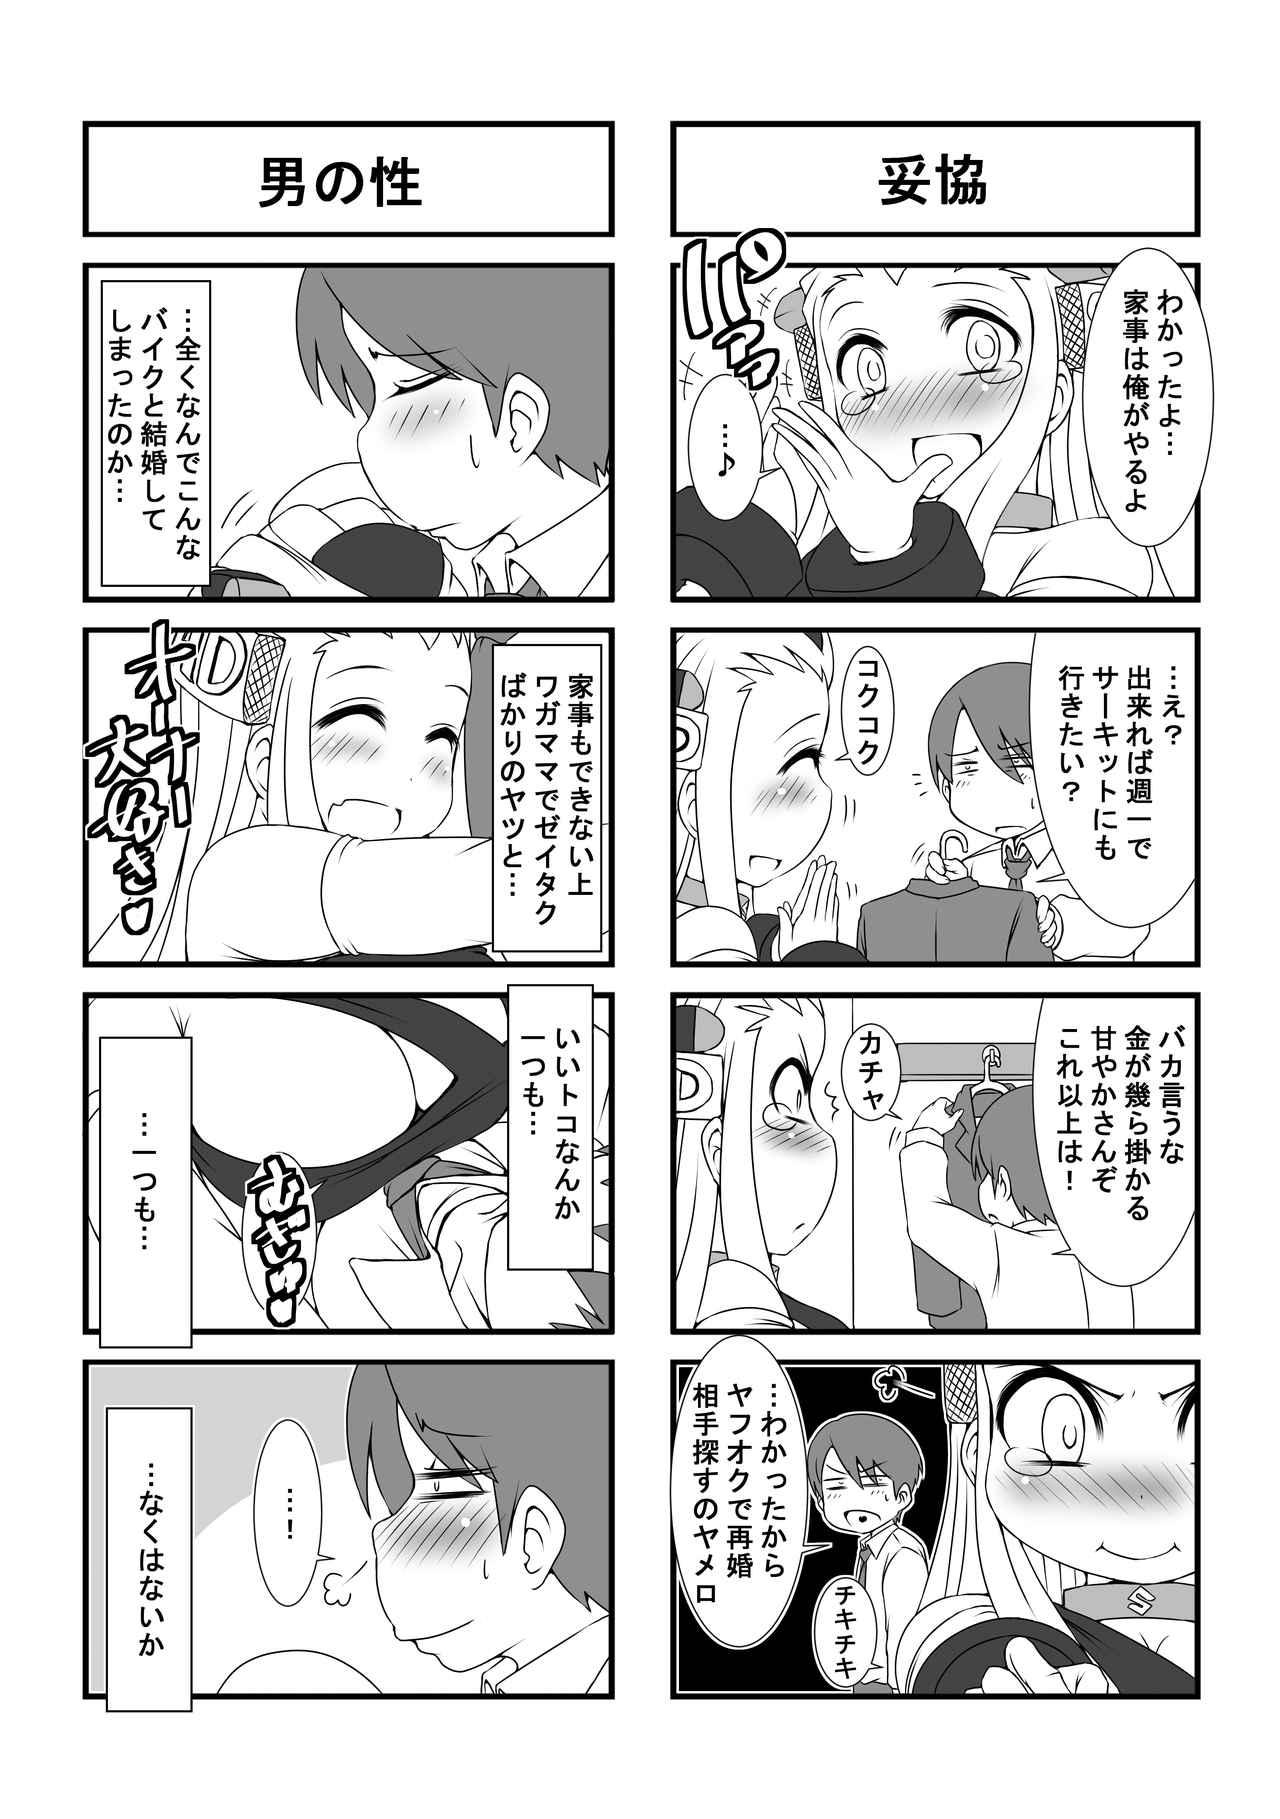 画像3: 初の単行本『バイク擬人化菌書 第1巻』は9月28日発売予定!